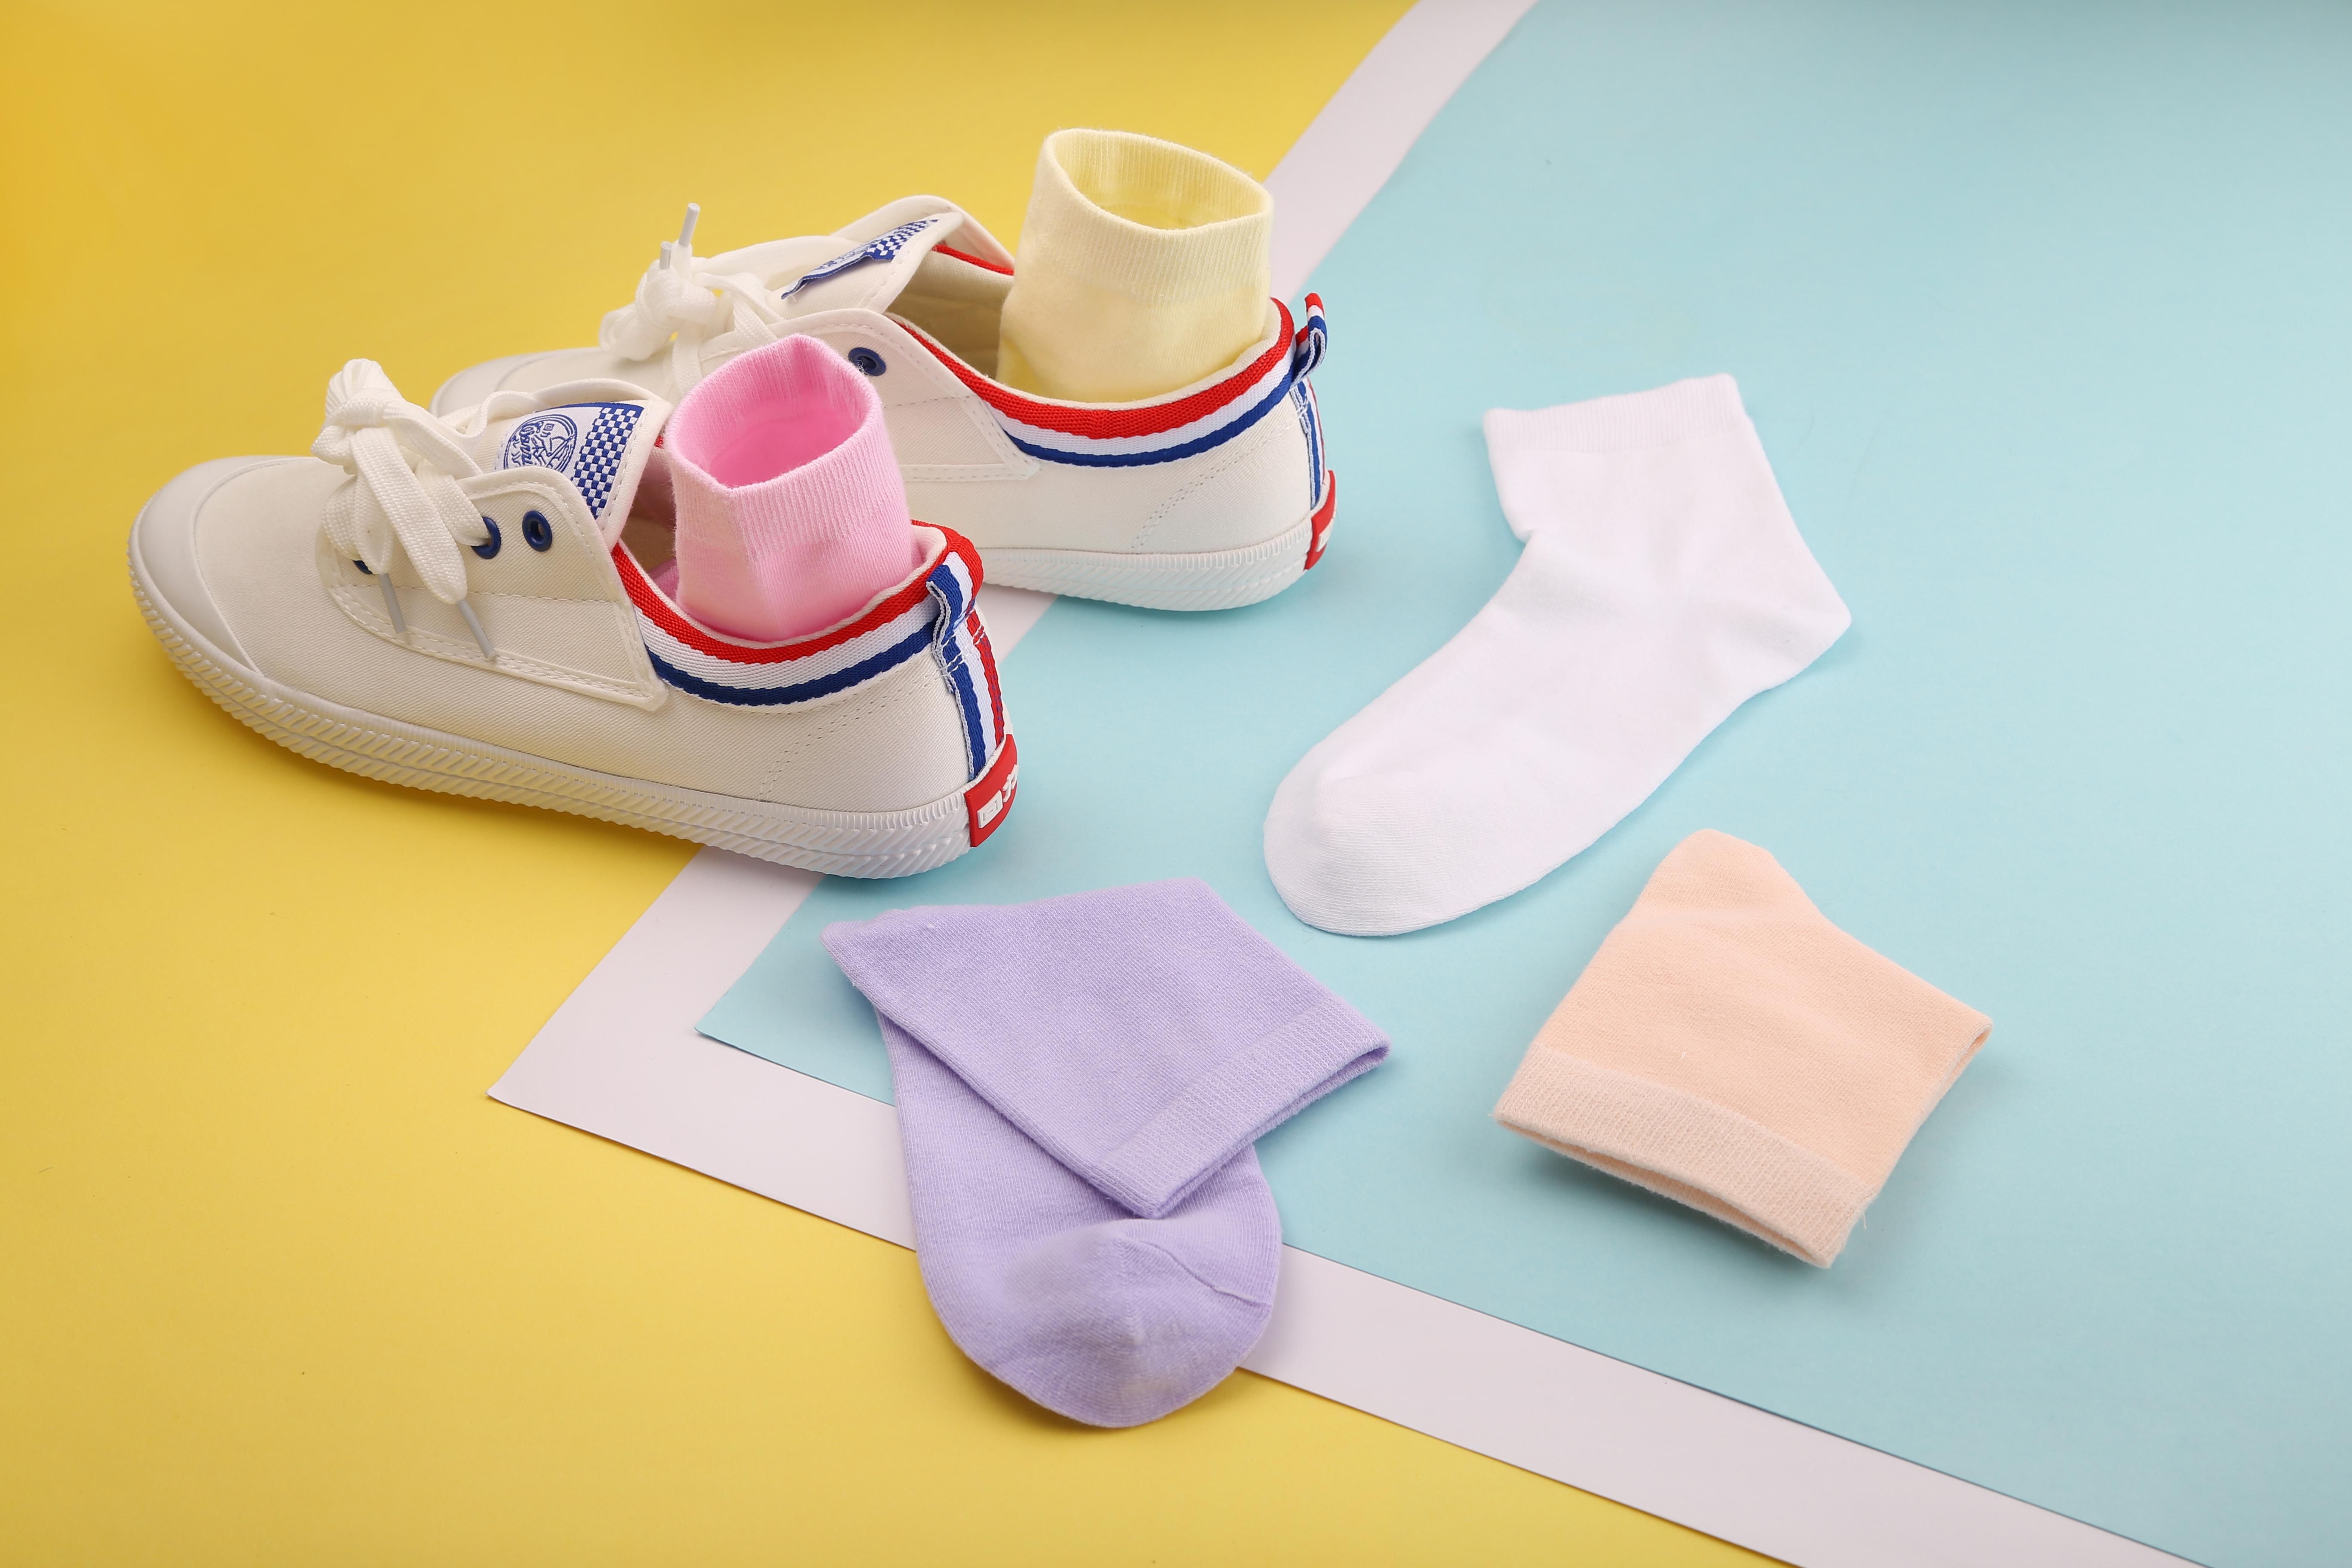 袜子 产品 静物拍摄 生活用品 撞色 可爱 创意图片